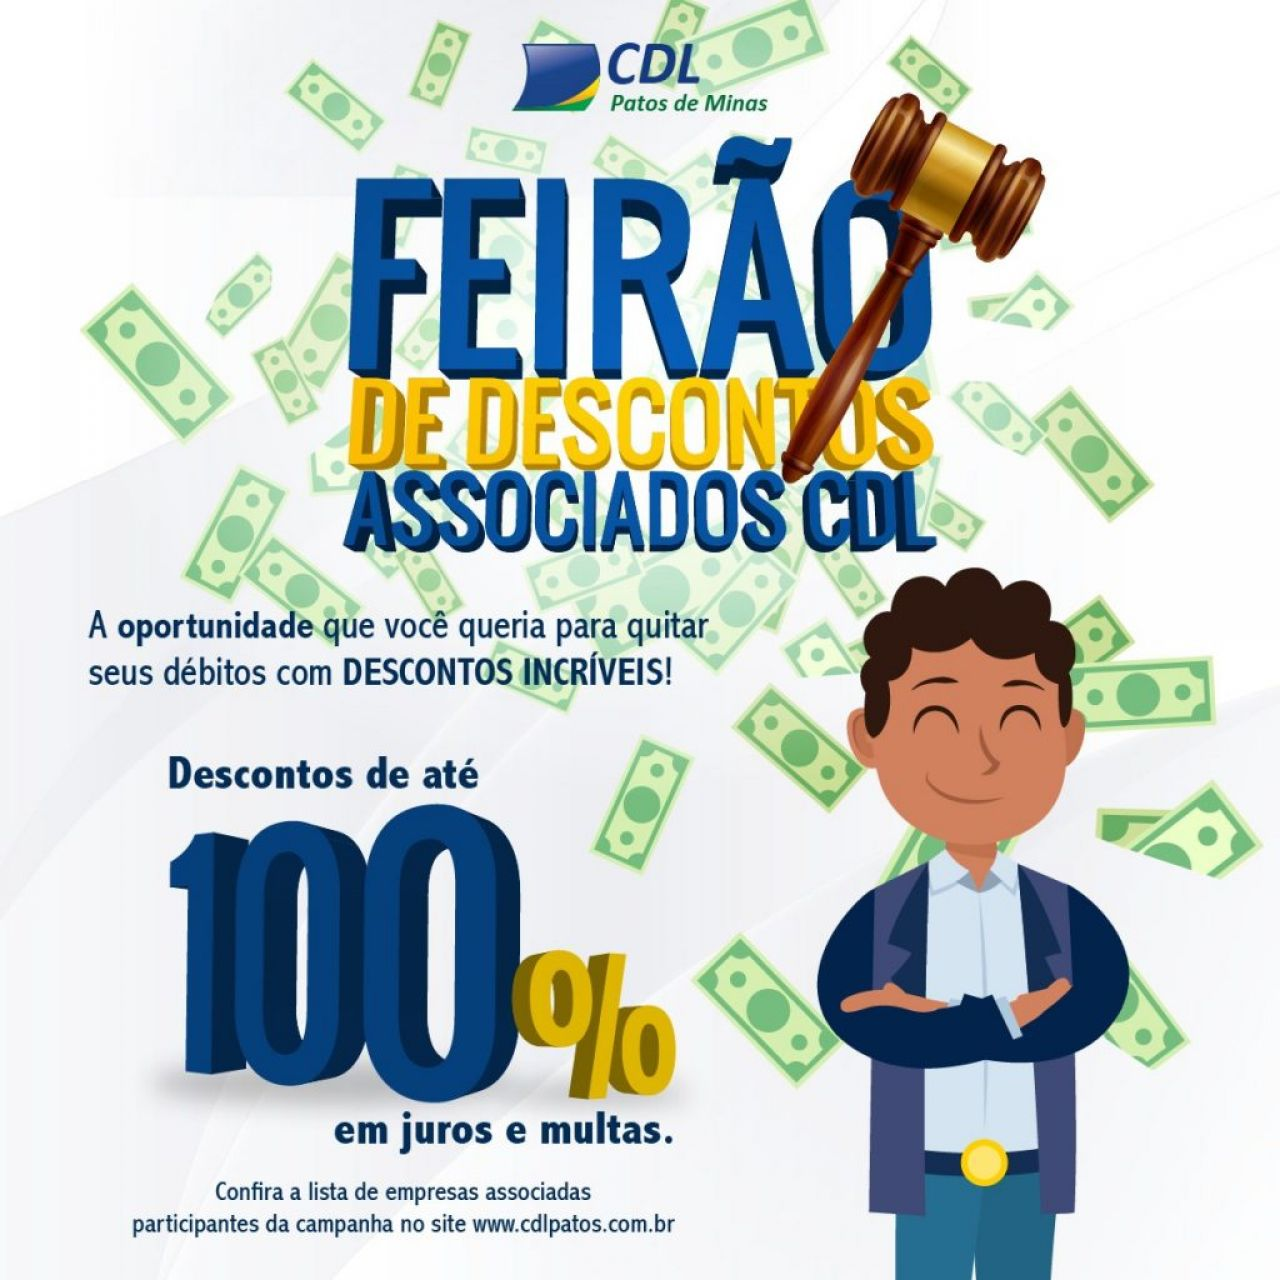 CDL lança ação para consumidores negociarem dívidas com abatimento de juros e multas